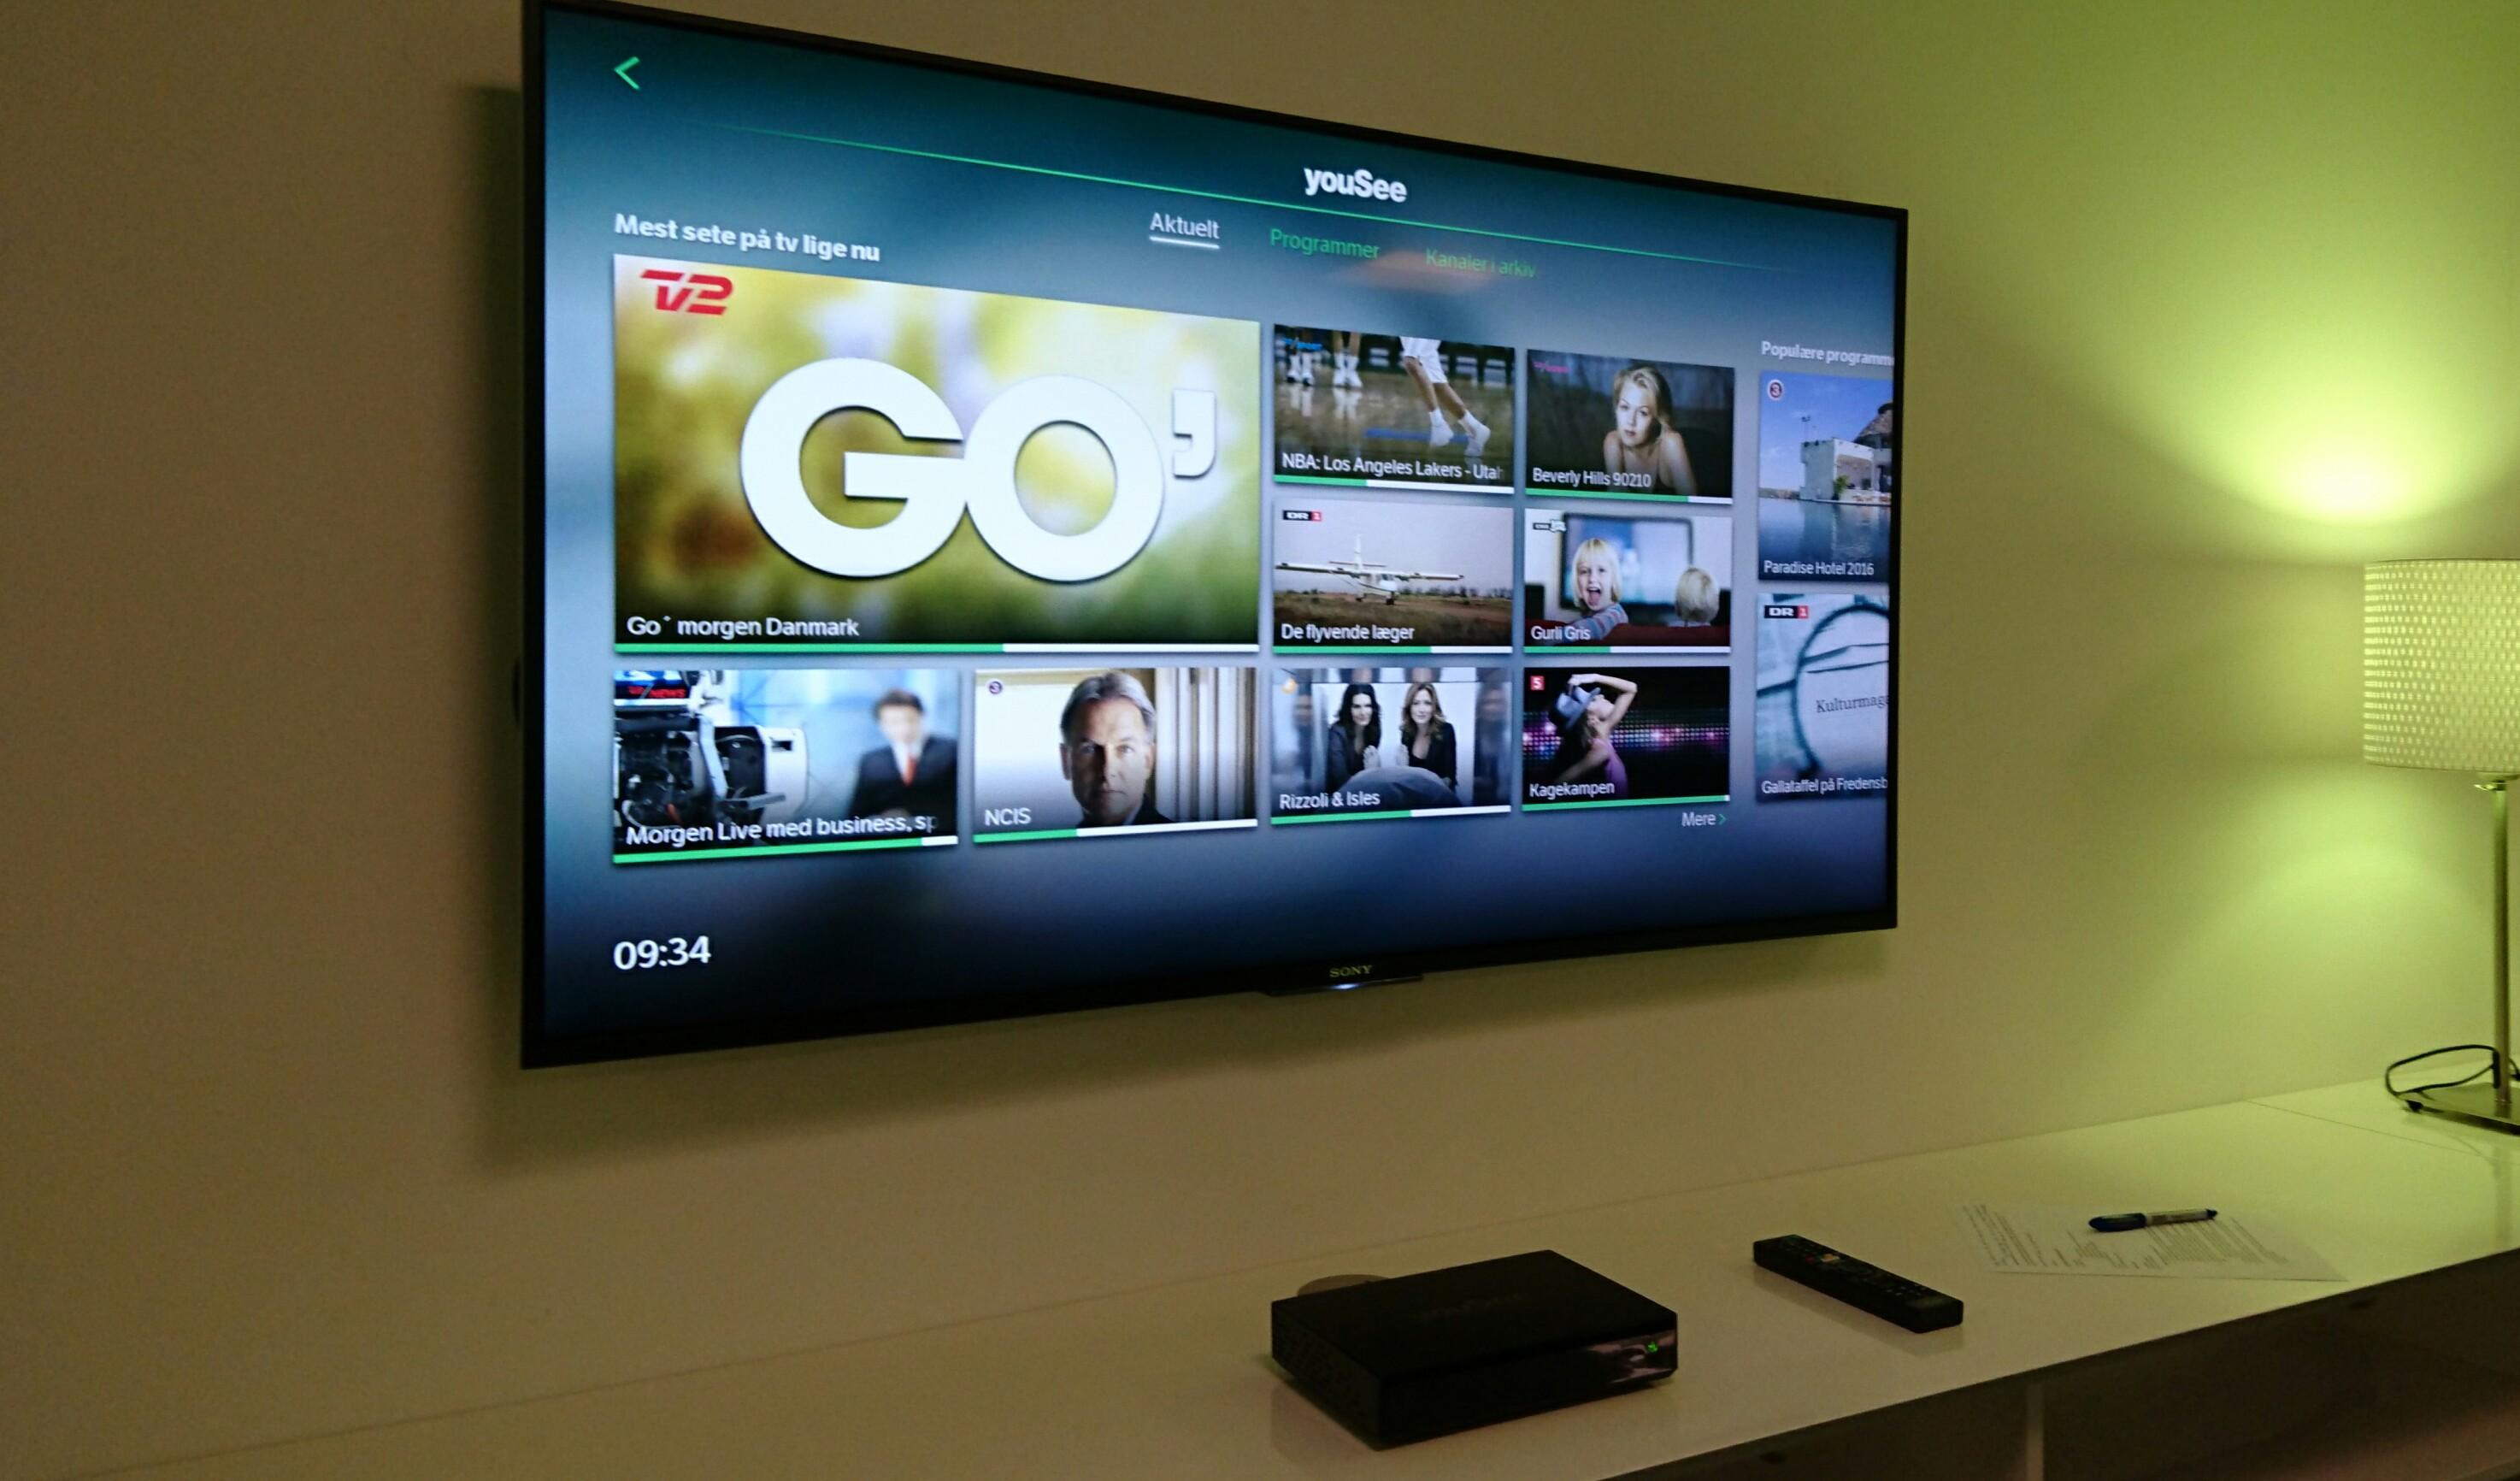 YouSee klar med ny TV-boks - se pris, funktioner og salgsstart